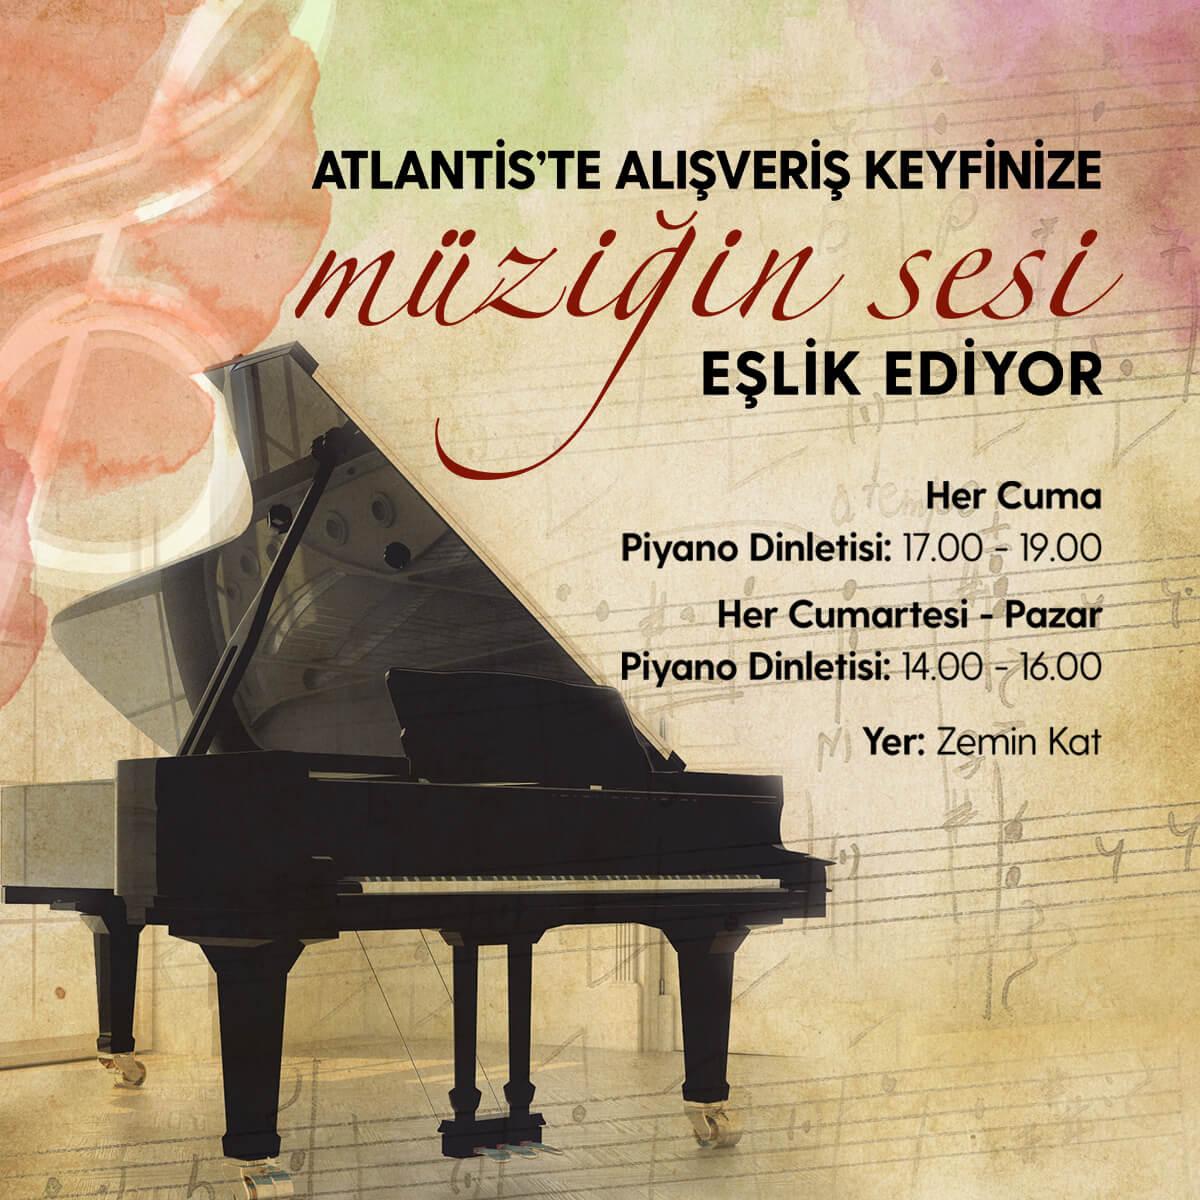 Piyano Dinletisi